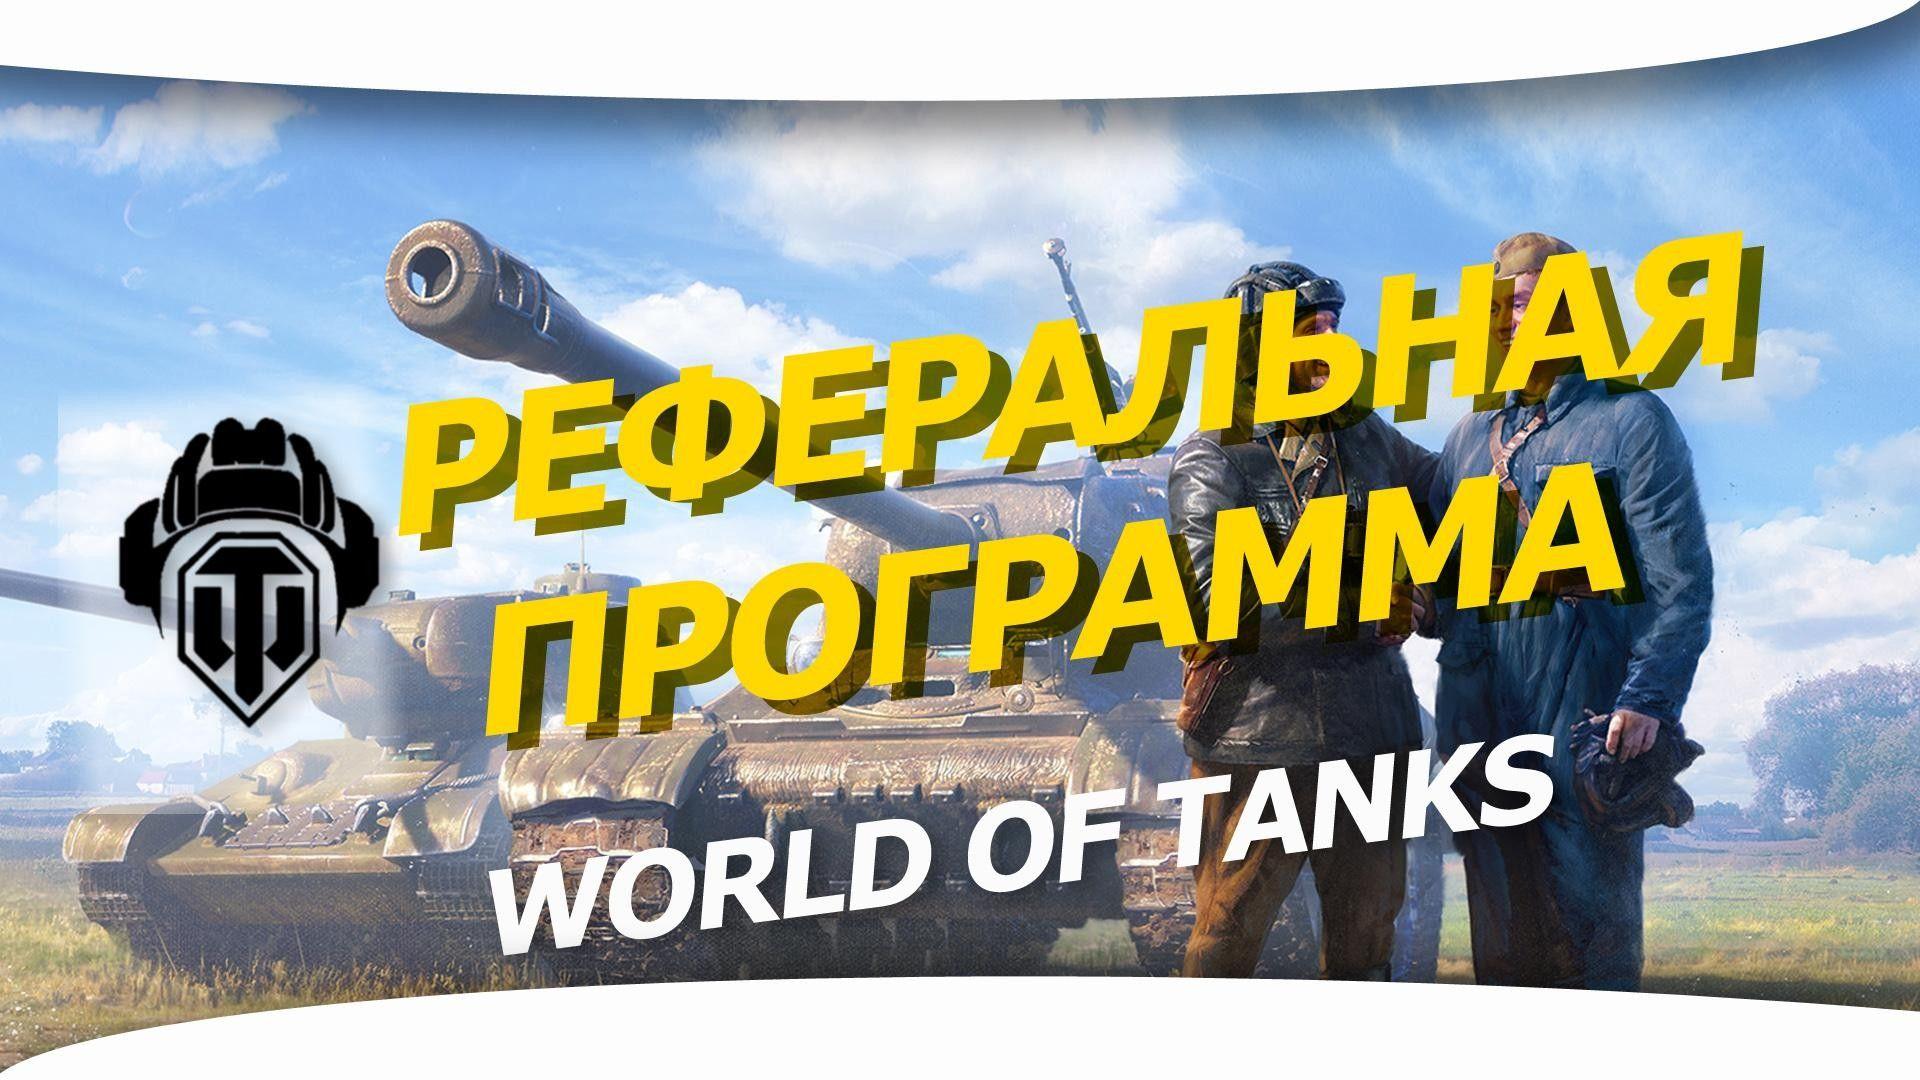 Реферальная программа world of tanks - условия, что выбрать и какие танки в награду